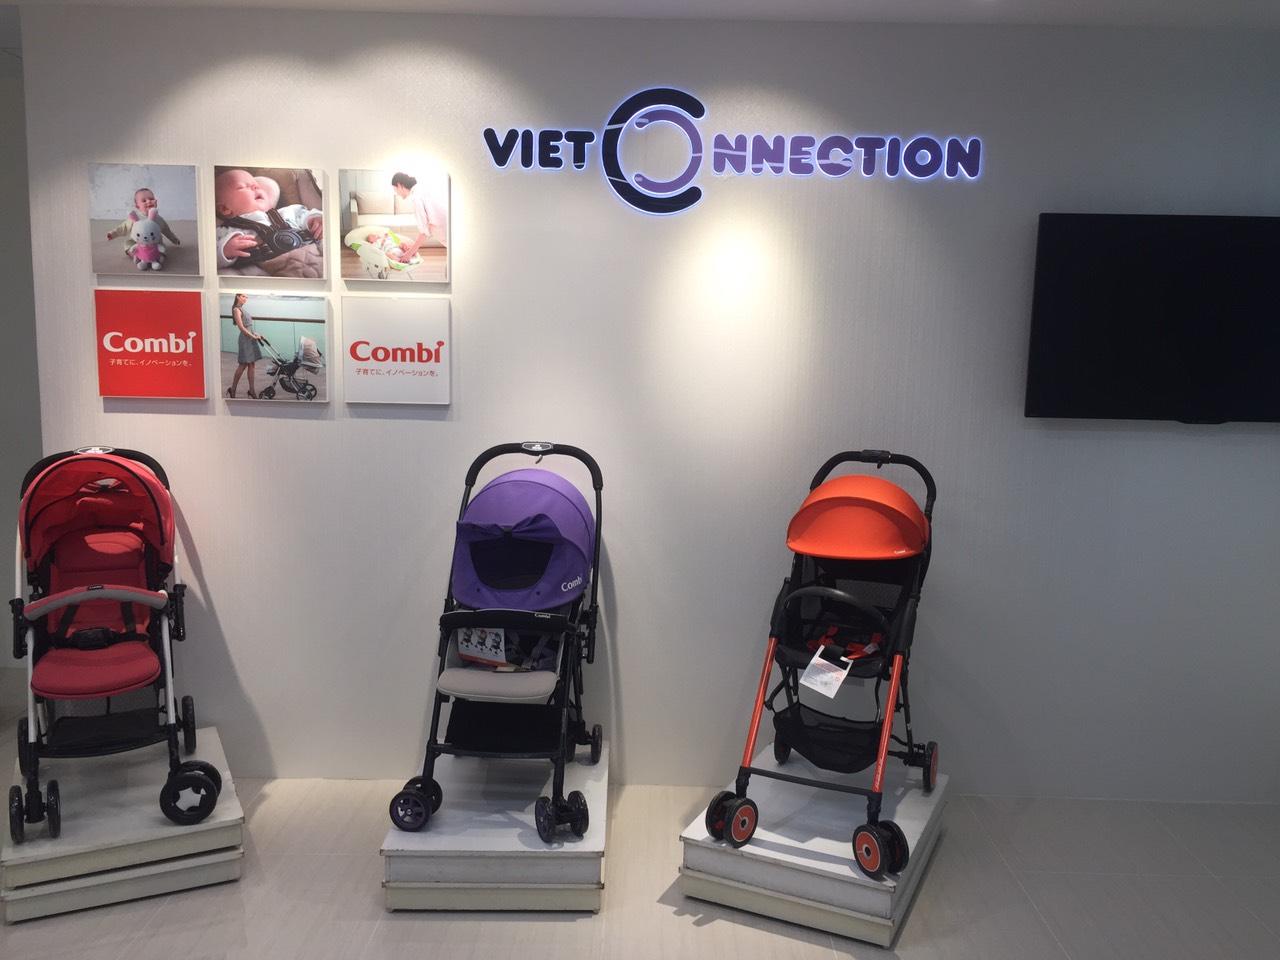 Thi công hệ thống Mạng - Thoại - Camera - Điện - Âm thanh cho Tập đoàn Vietconnection